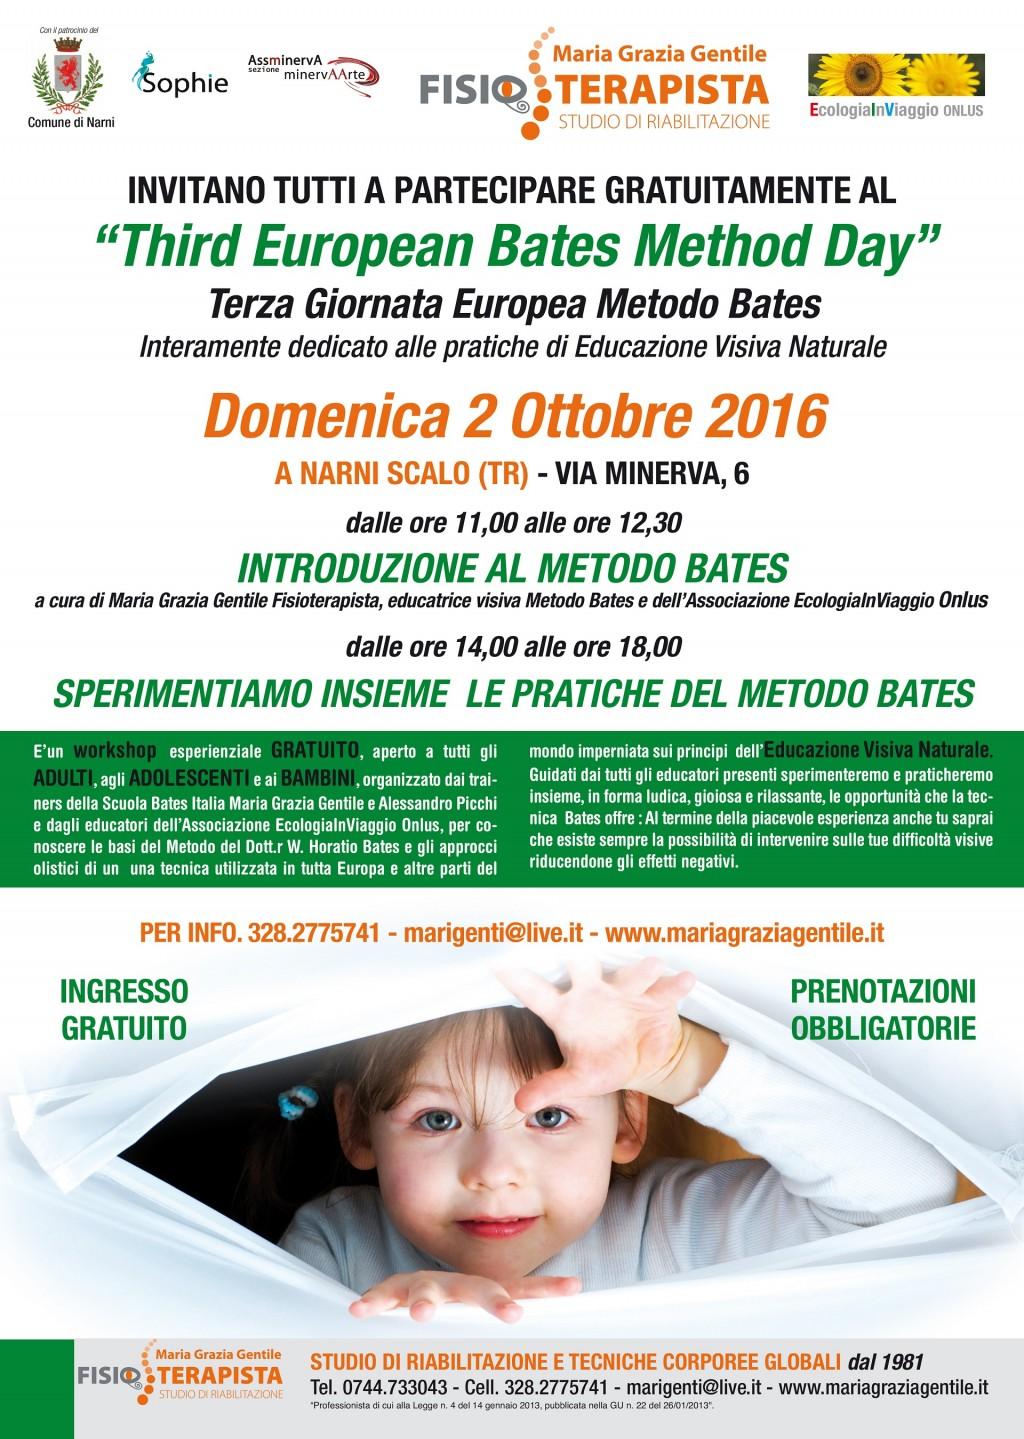 Il Magico Vedere 2016: Terza Giornata Europea Metodo Bates - 02/10/2016